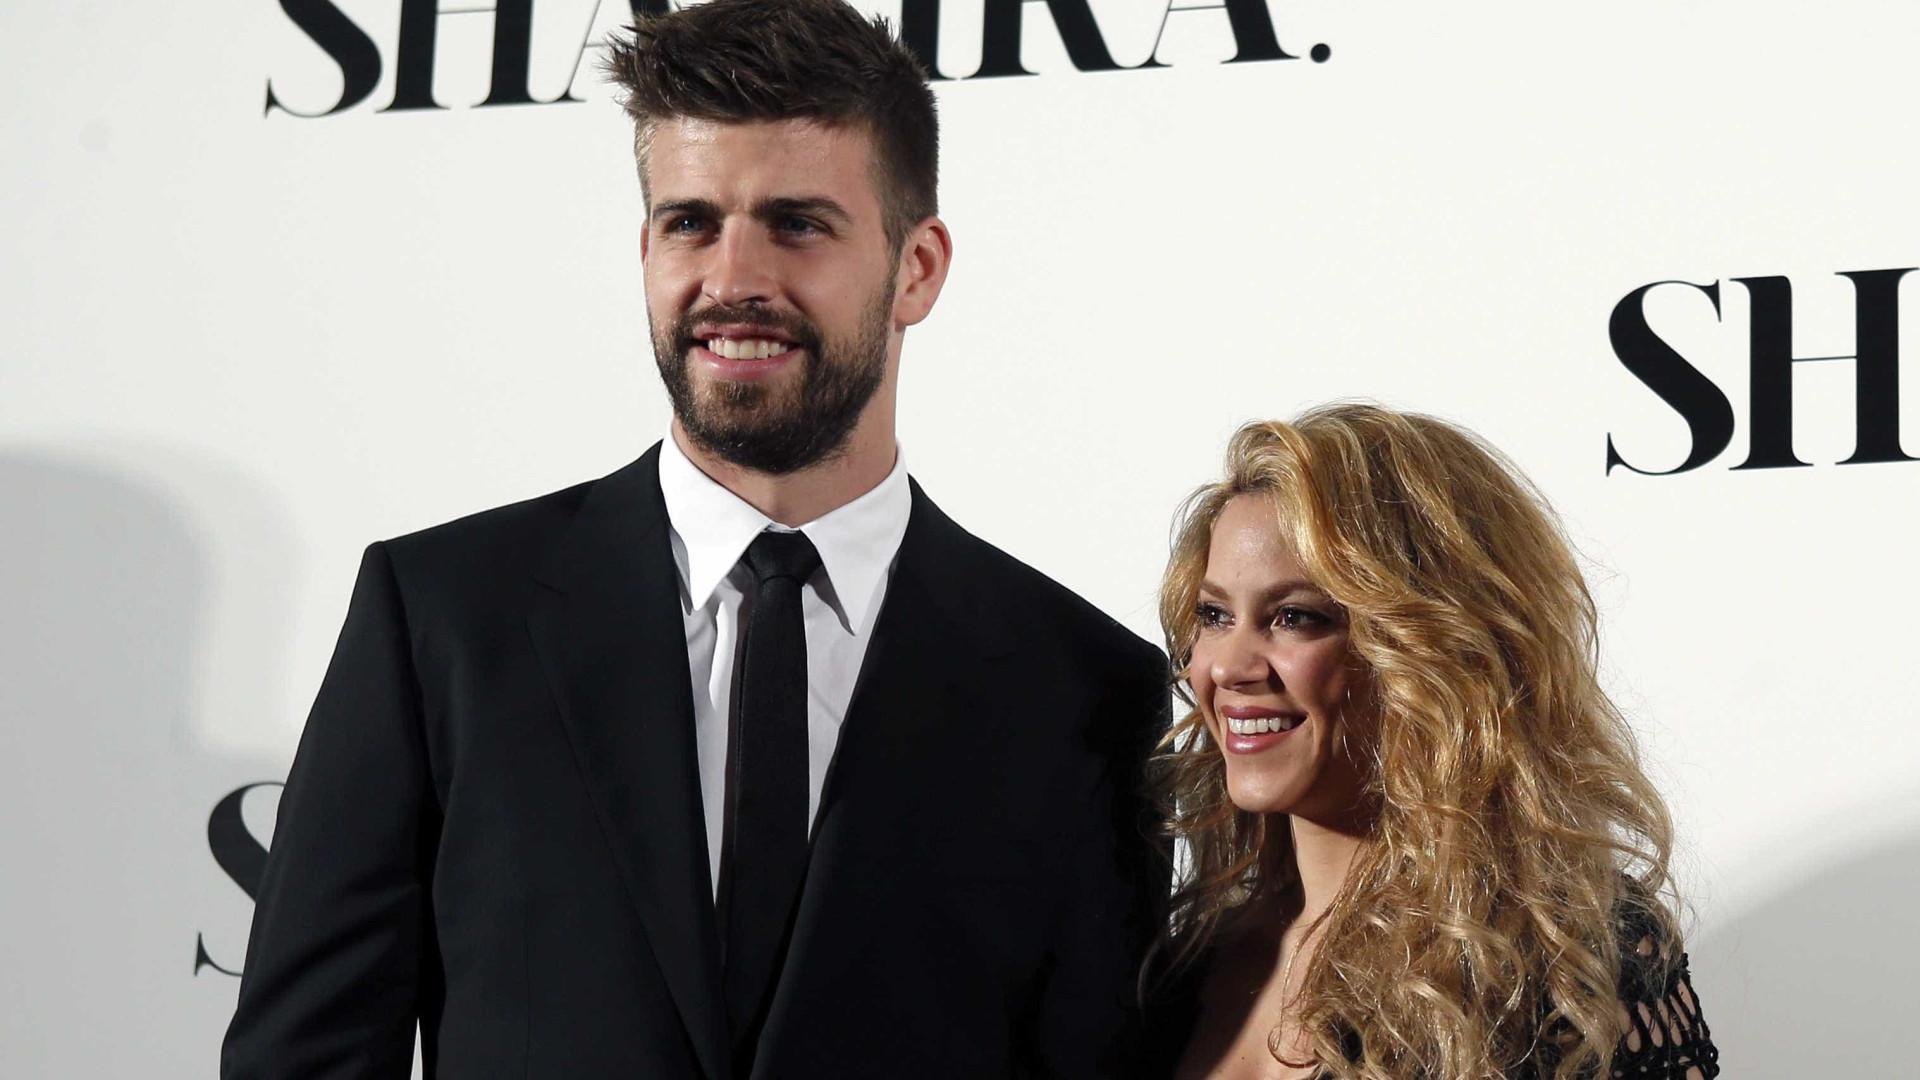 Boatos de separação de Shakira e Piquéviralizamnas redes sociais